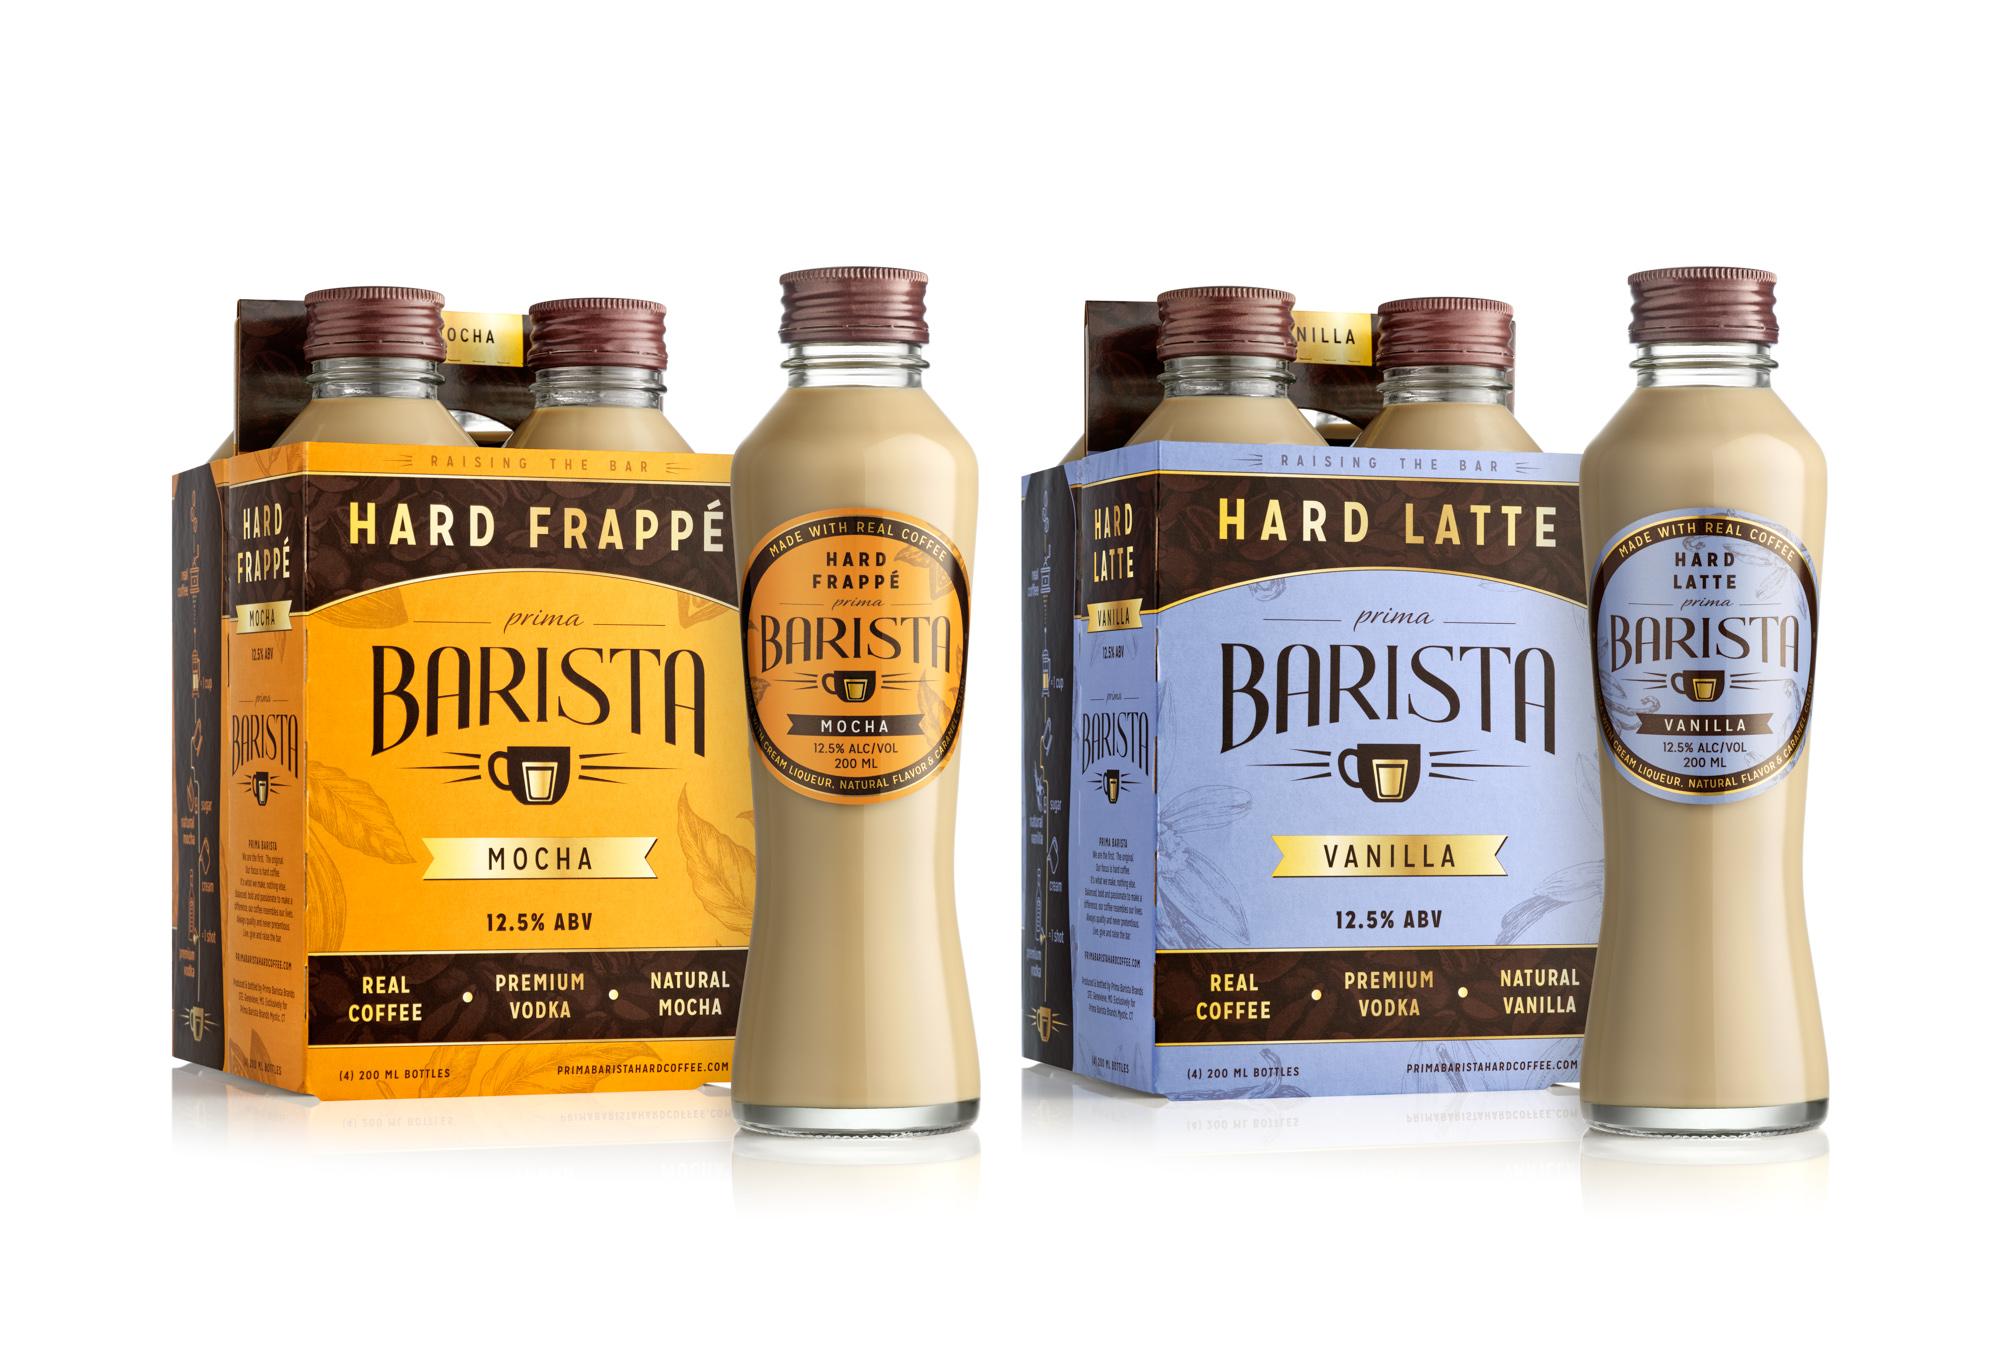 PRIMA BARISTA HARD ICED COFFEE